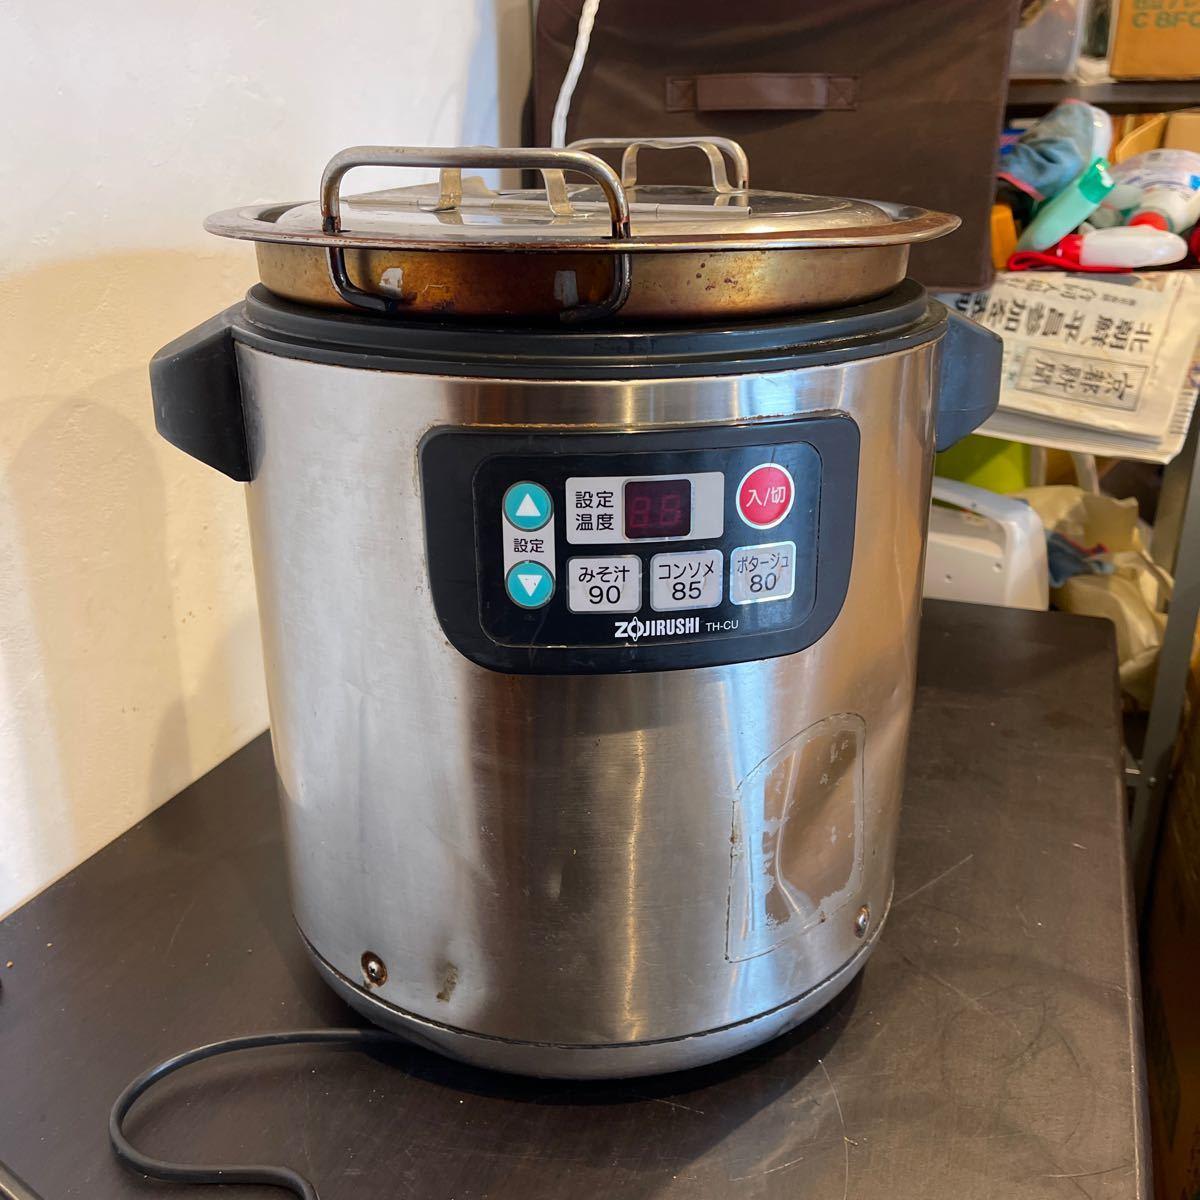 象印 マイコンスープジャー TH-CU080 8.0L 厨房 店舗 業務用 ZOJIRUSHI 2013年製_画像1